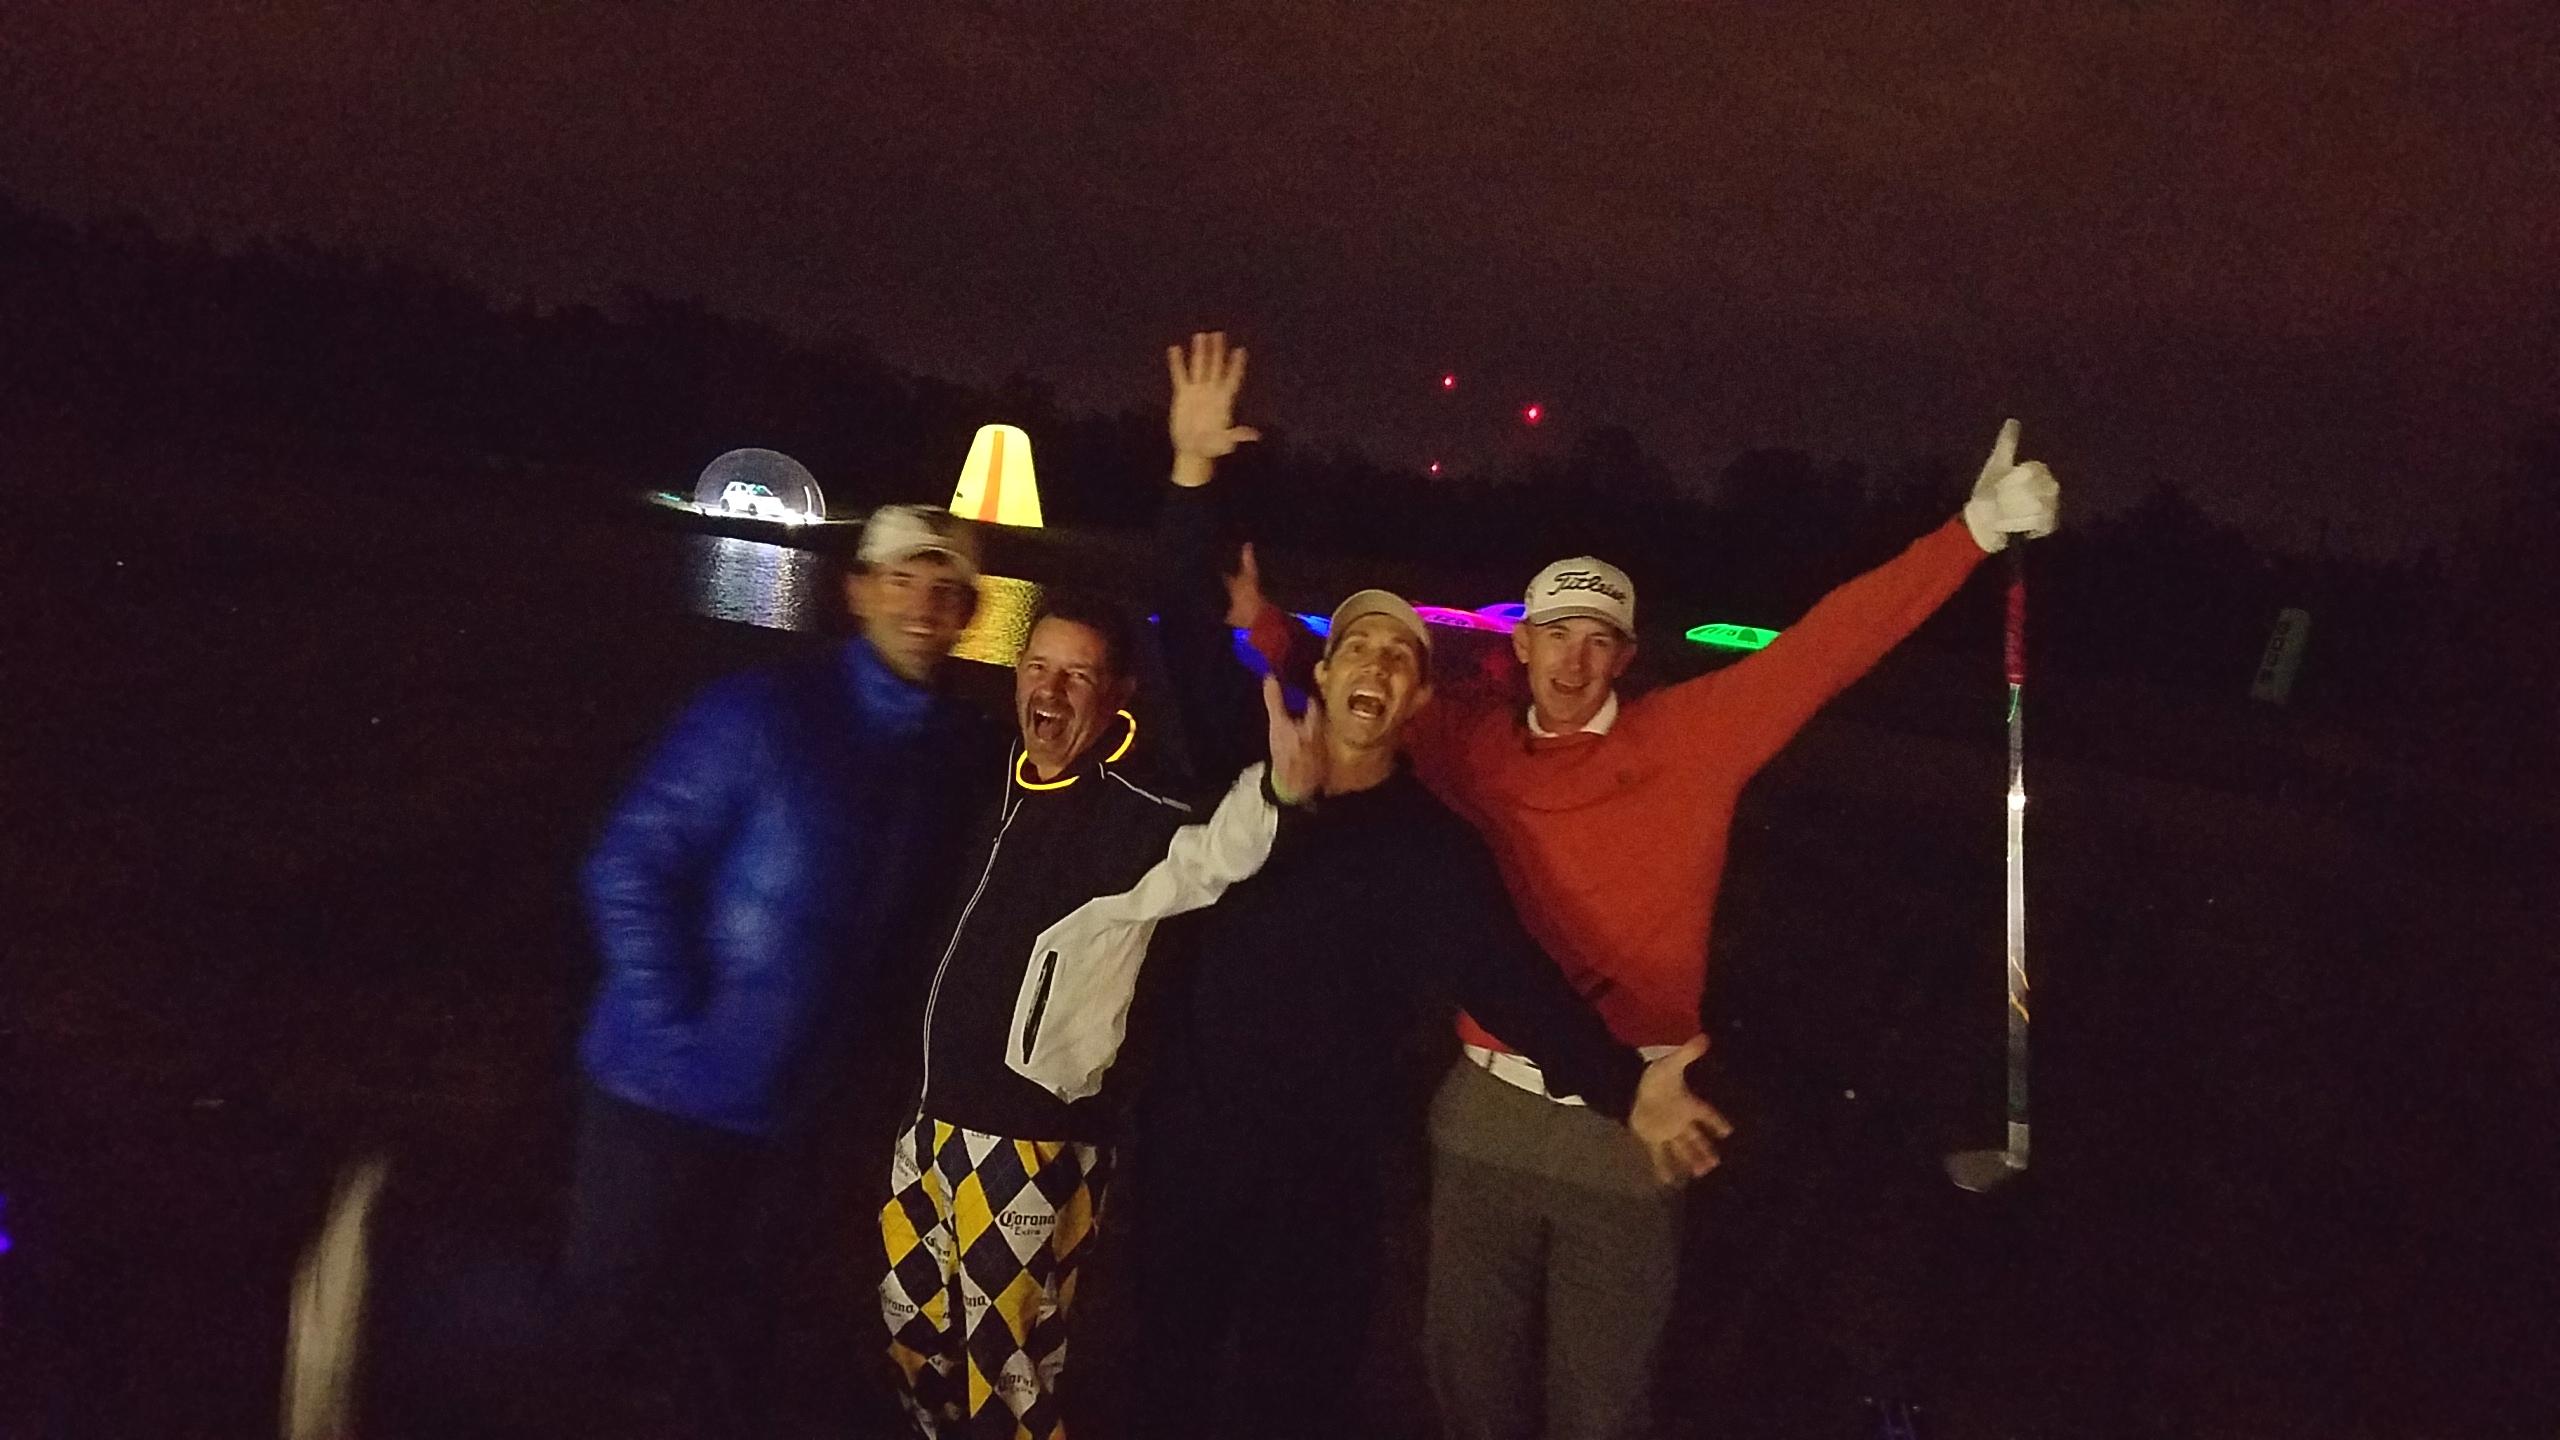 golfers at the aqua range